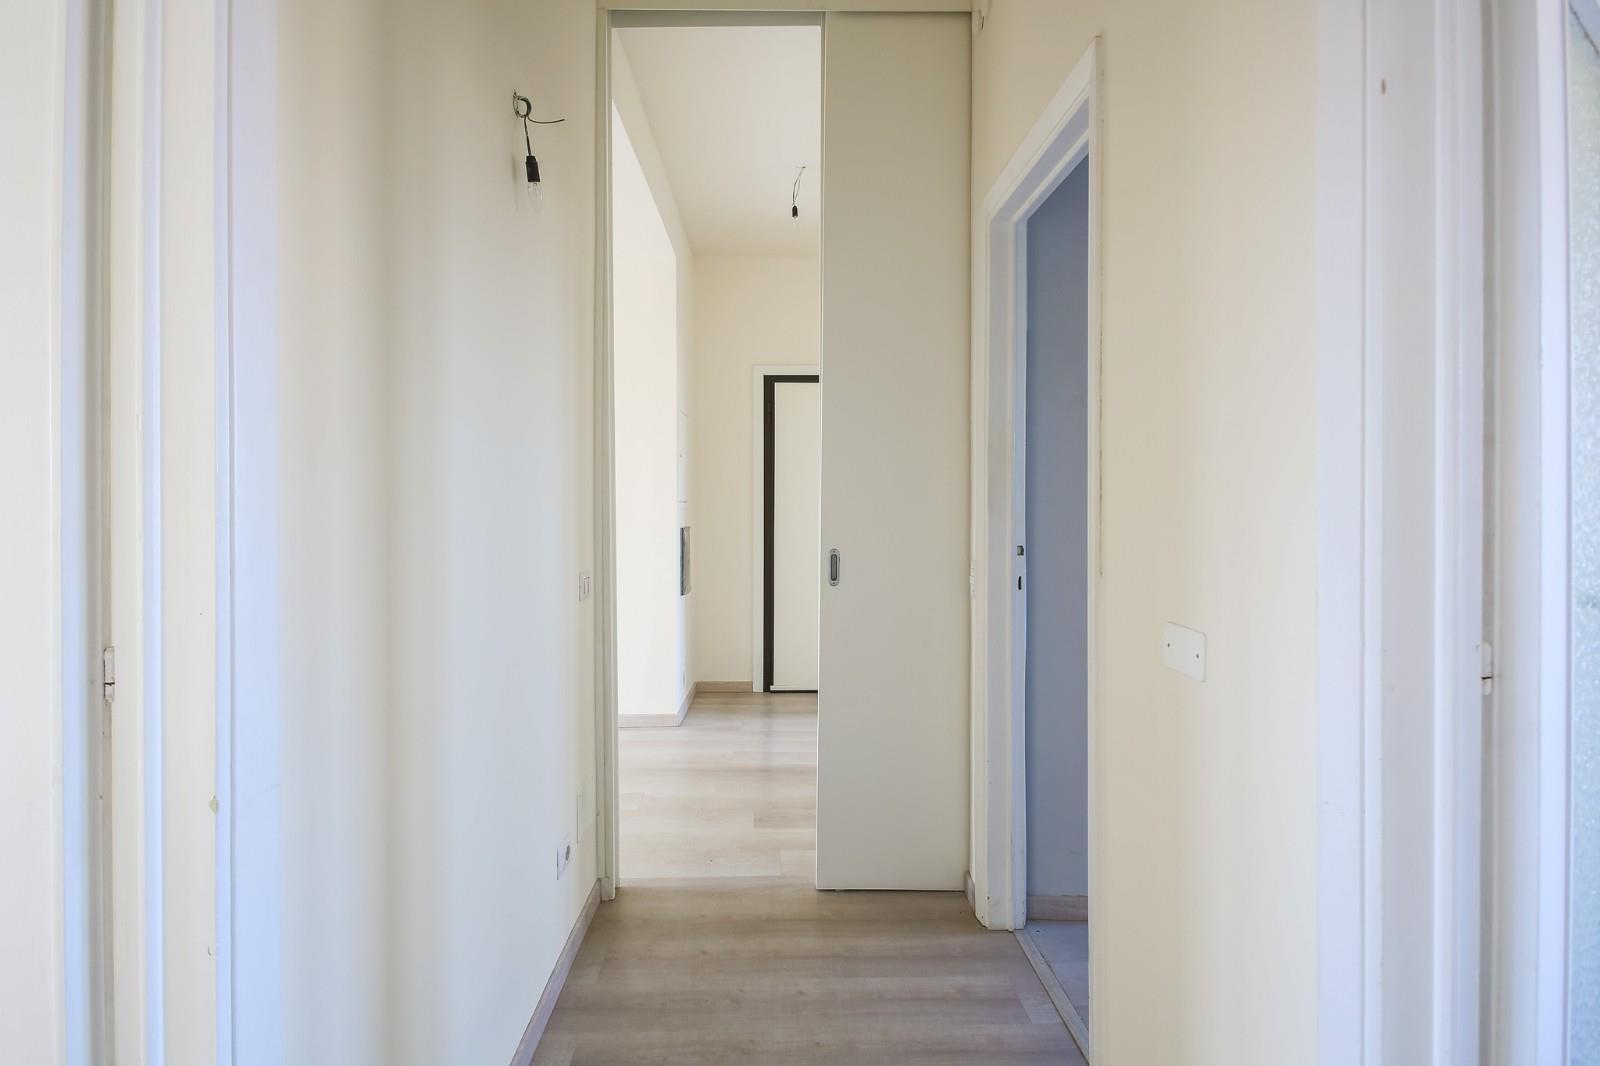 Foto 6 - Appartamento in Vendita - Verano Brianza (Monza e Brianza)